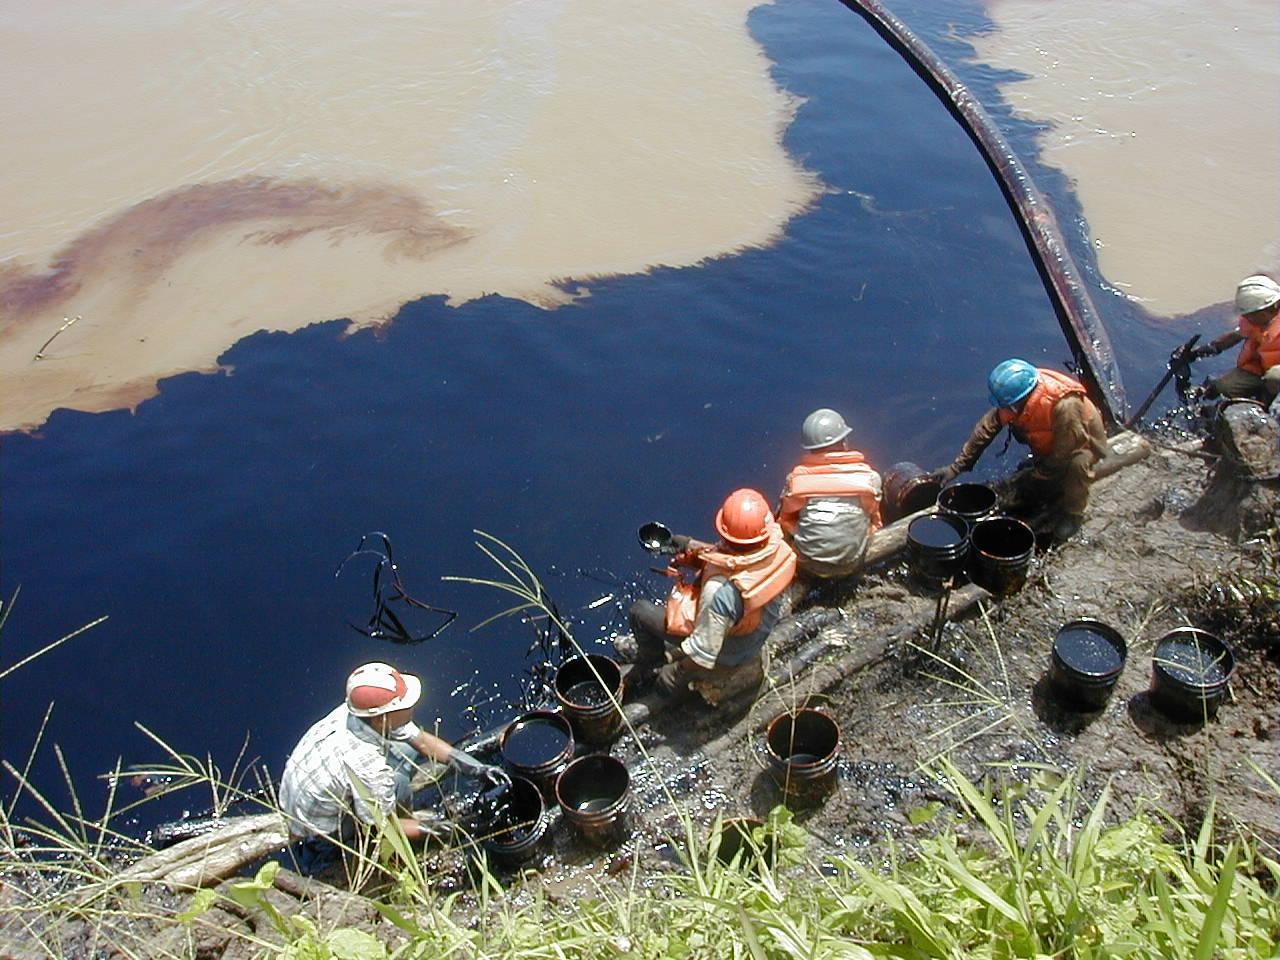 Cuenca el Marañón.Trabajos de remediación por pobladores del derrame de 5000 barriles de petróleo en el 2000, responsabilidad de Pluspetrol.